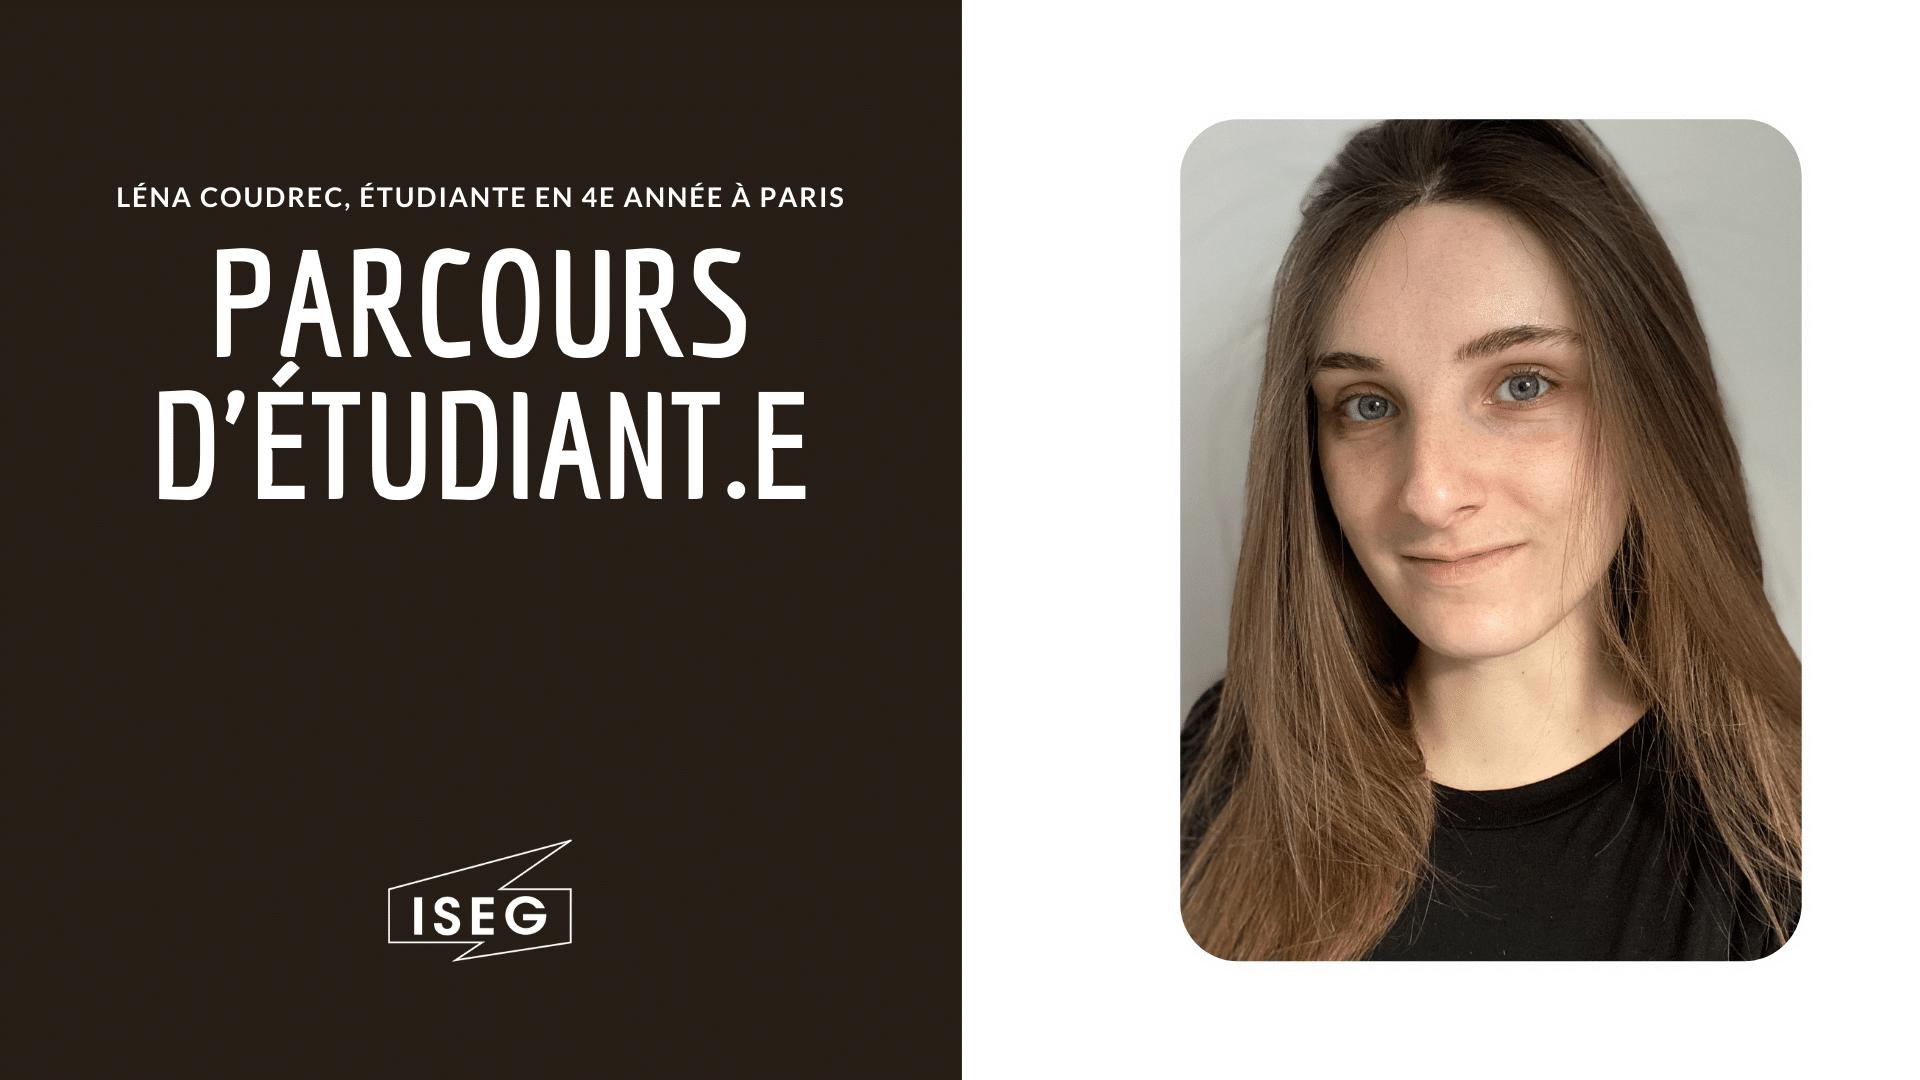 Parcours d'étudiant.e : Léna Couderc, en 4e année à l'ISEG Paris